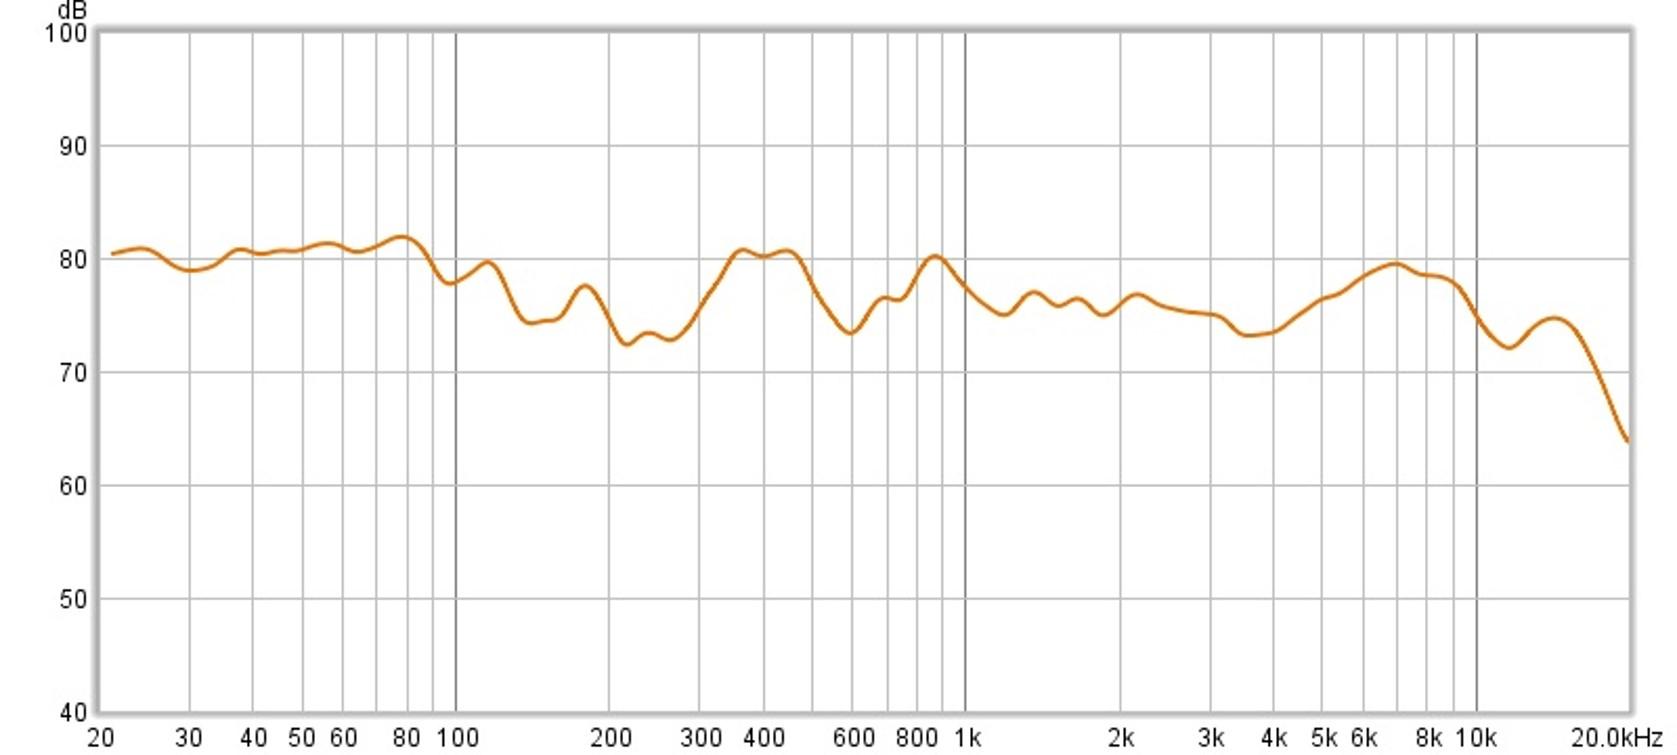 E748F811-629F-49CD-B398-D3905E315031.jpeg